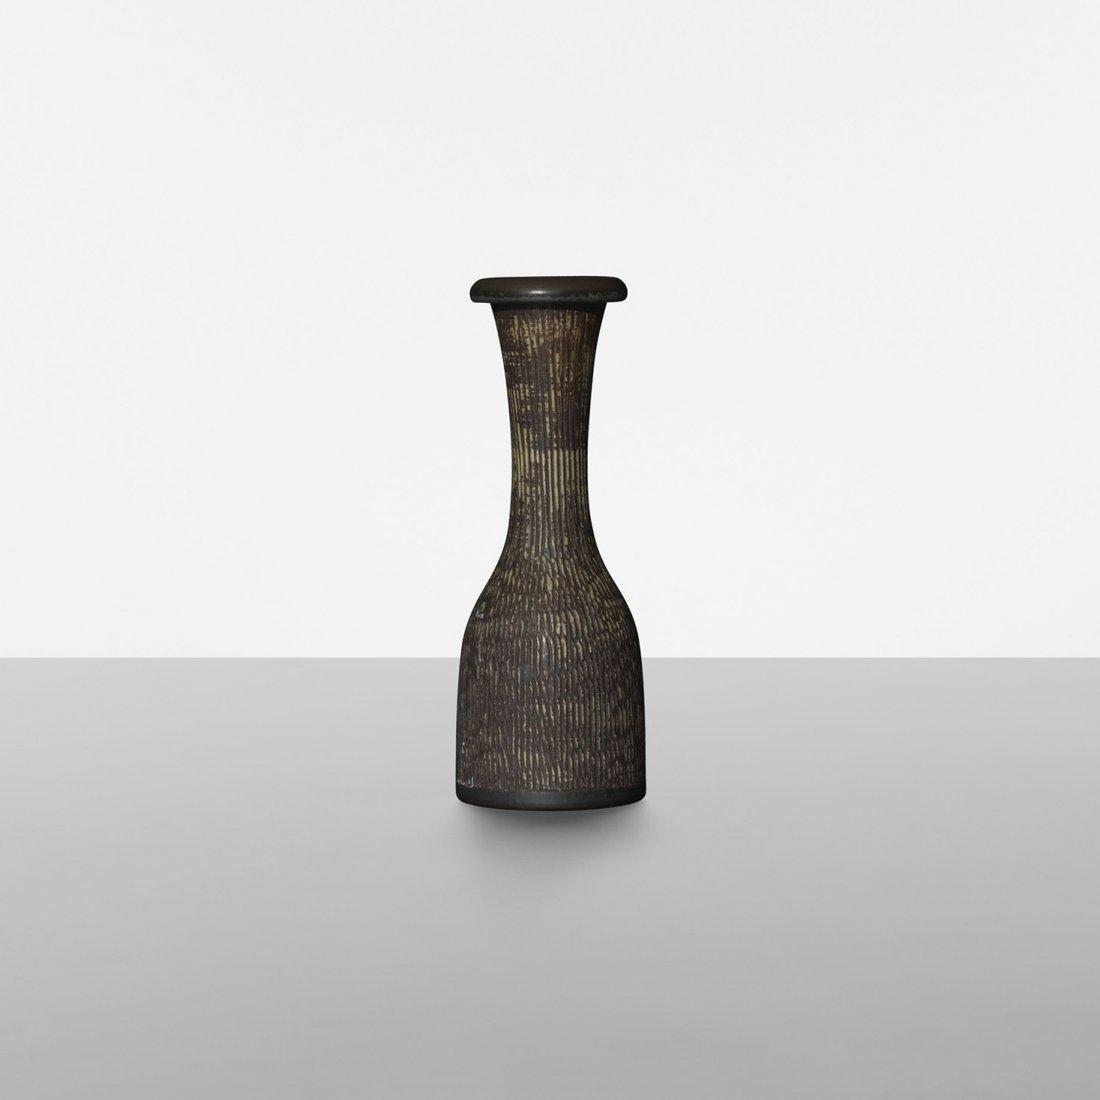 118: Wilhelm Kåge Farsta vase